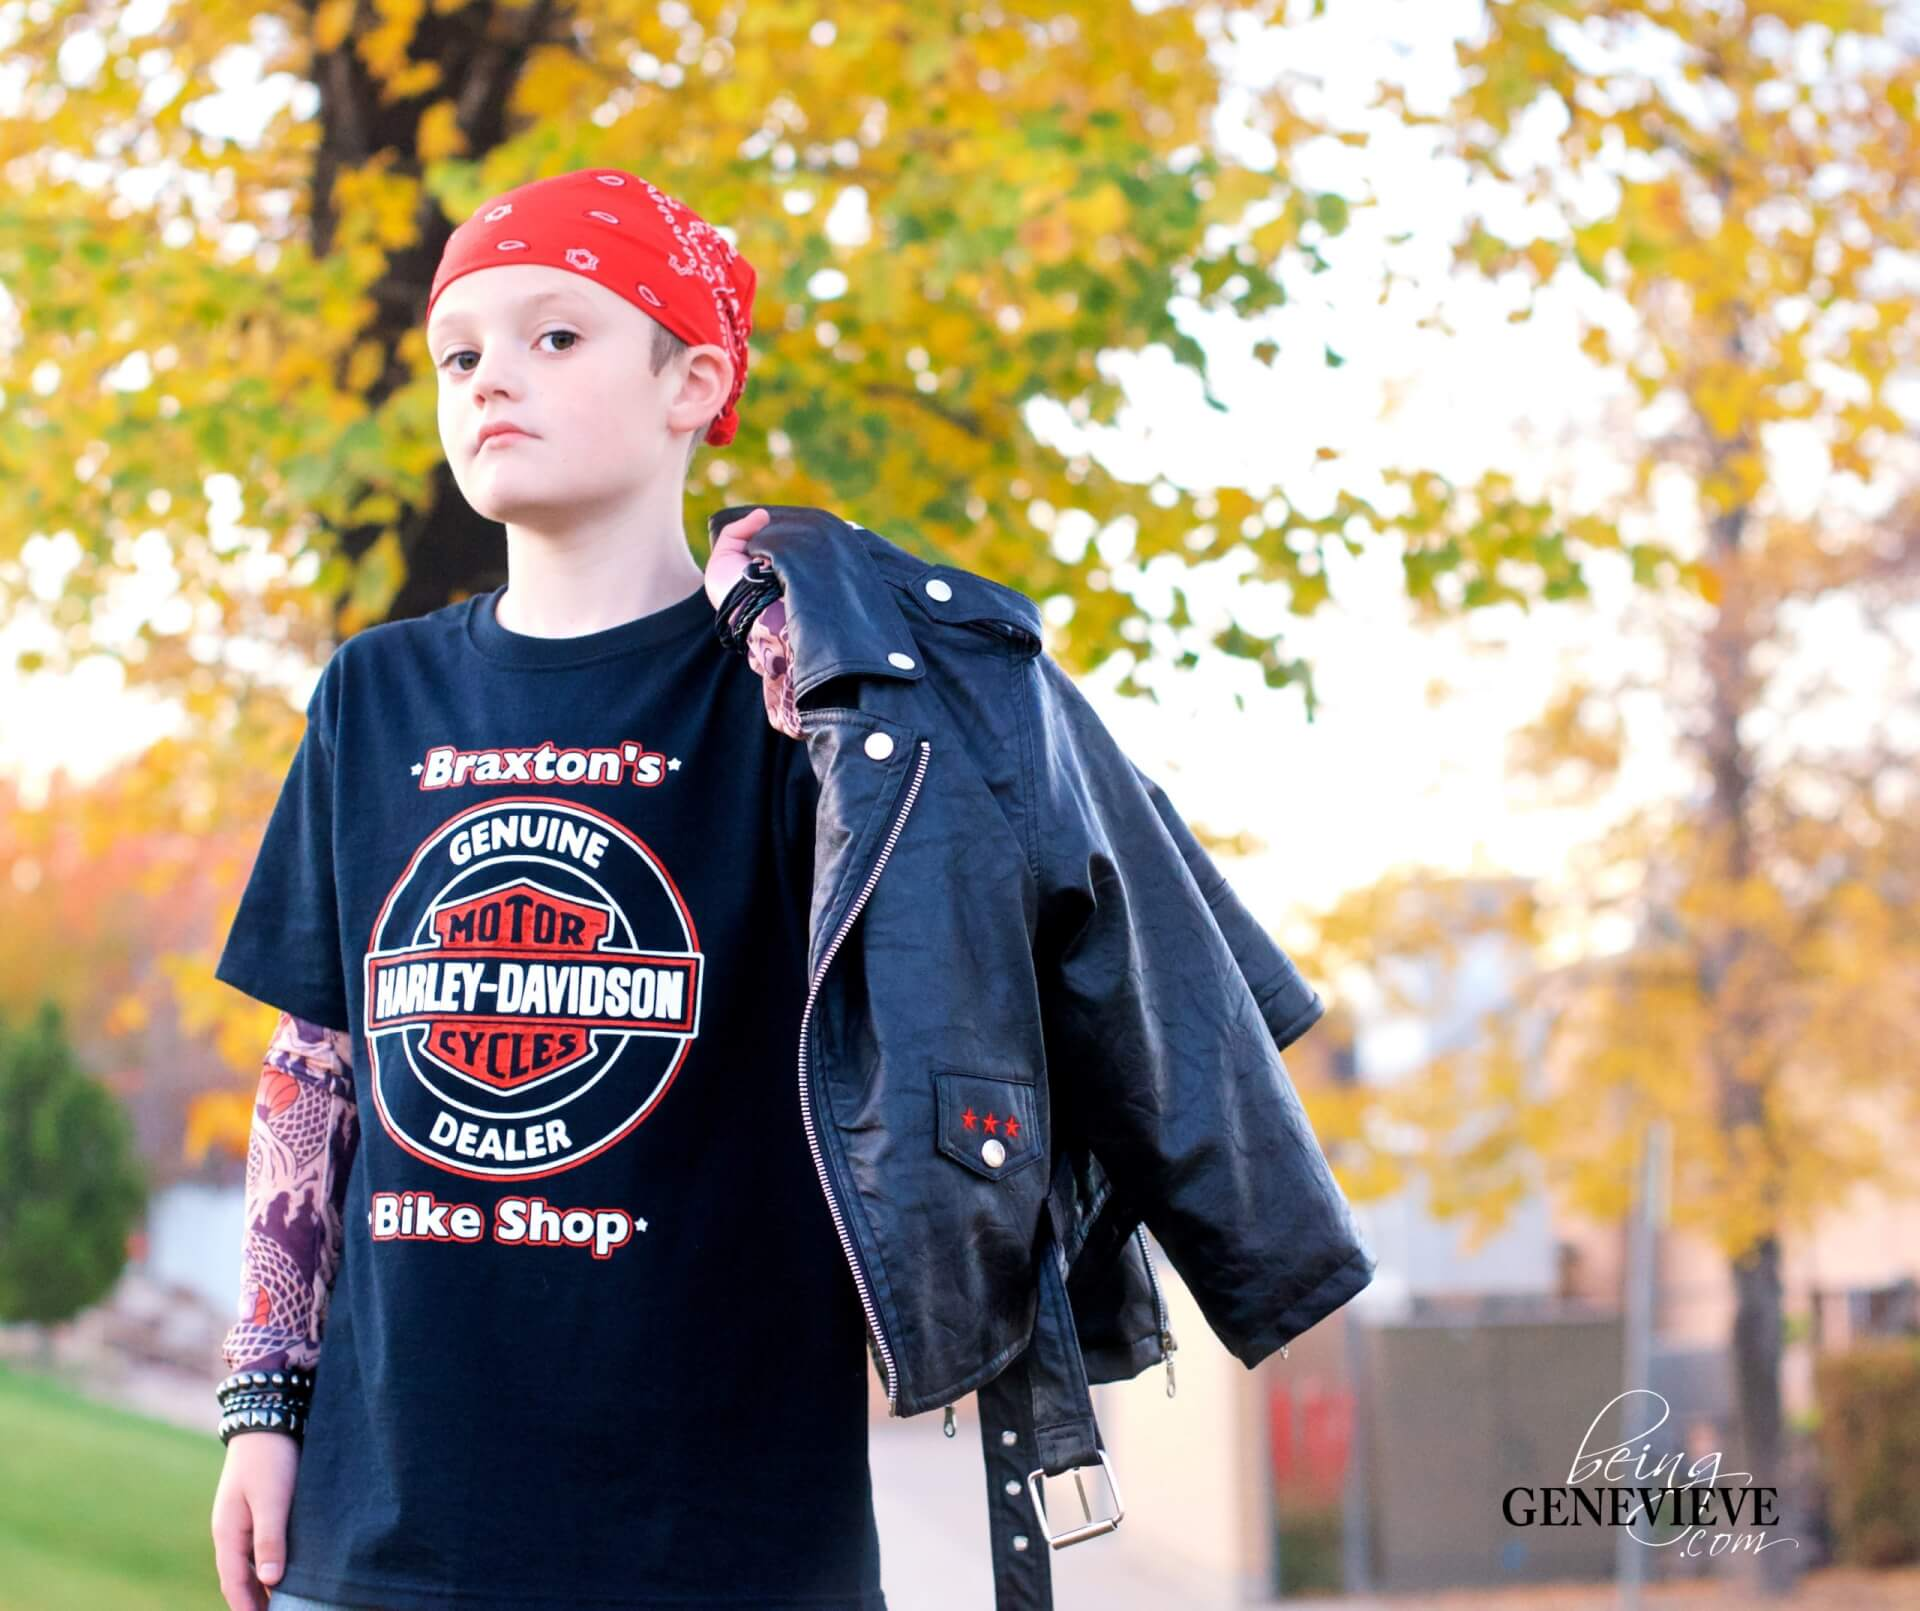 Genuine Harley Davidson Dealer